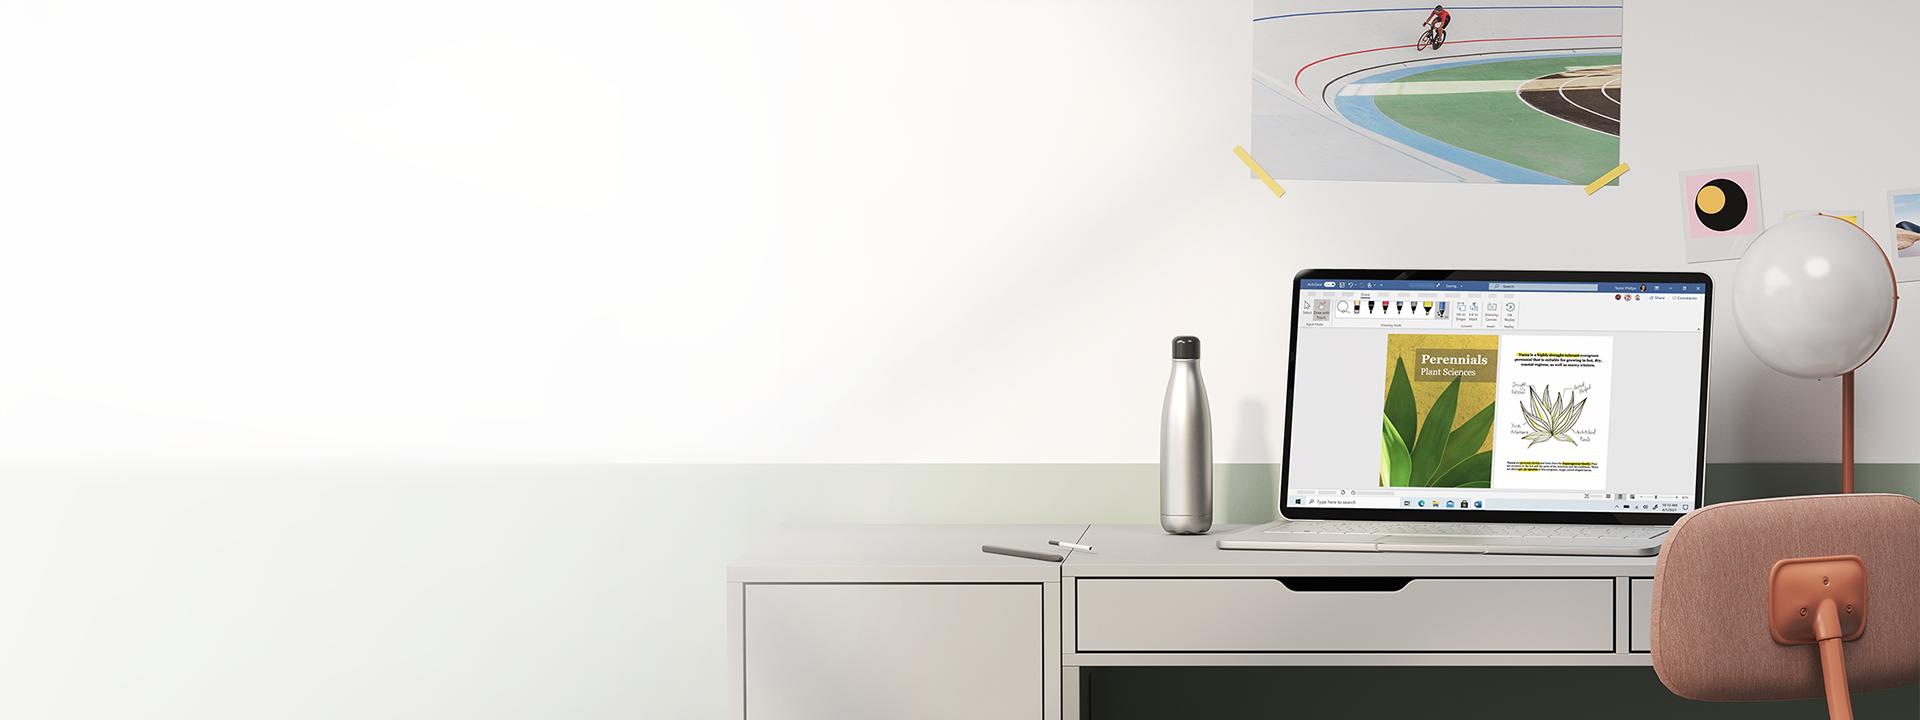 Portátil Windows10 sobre un escritorio